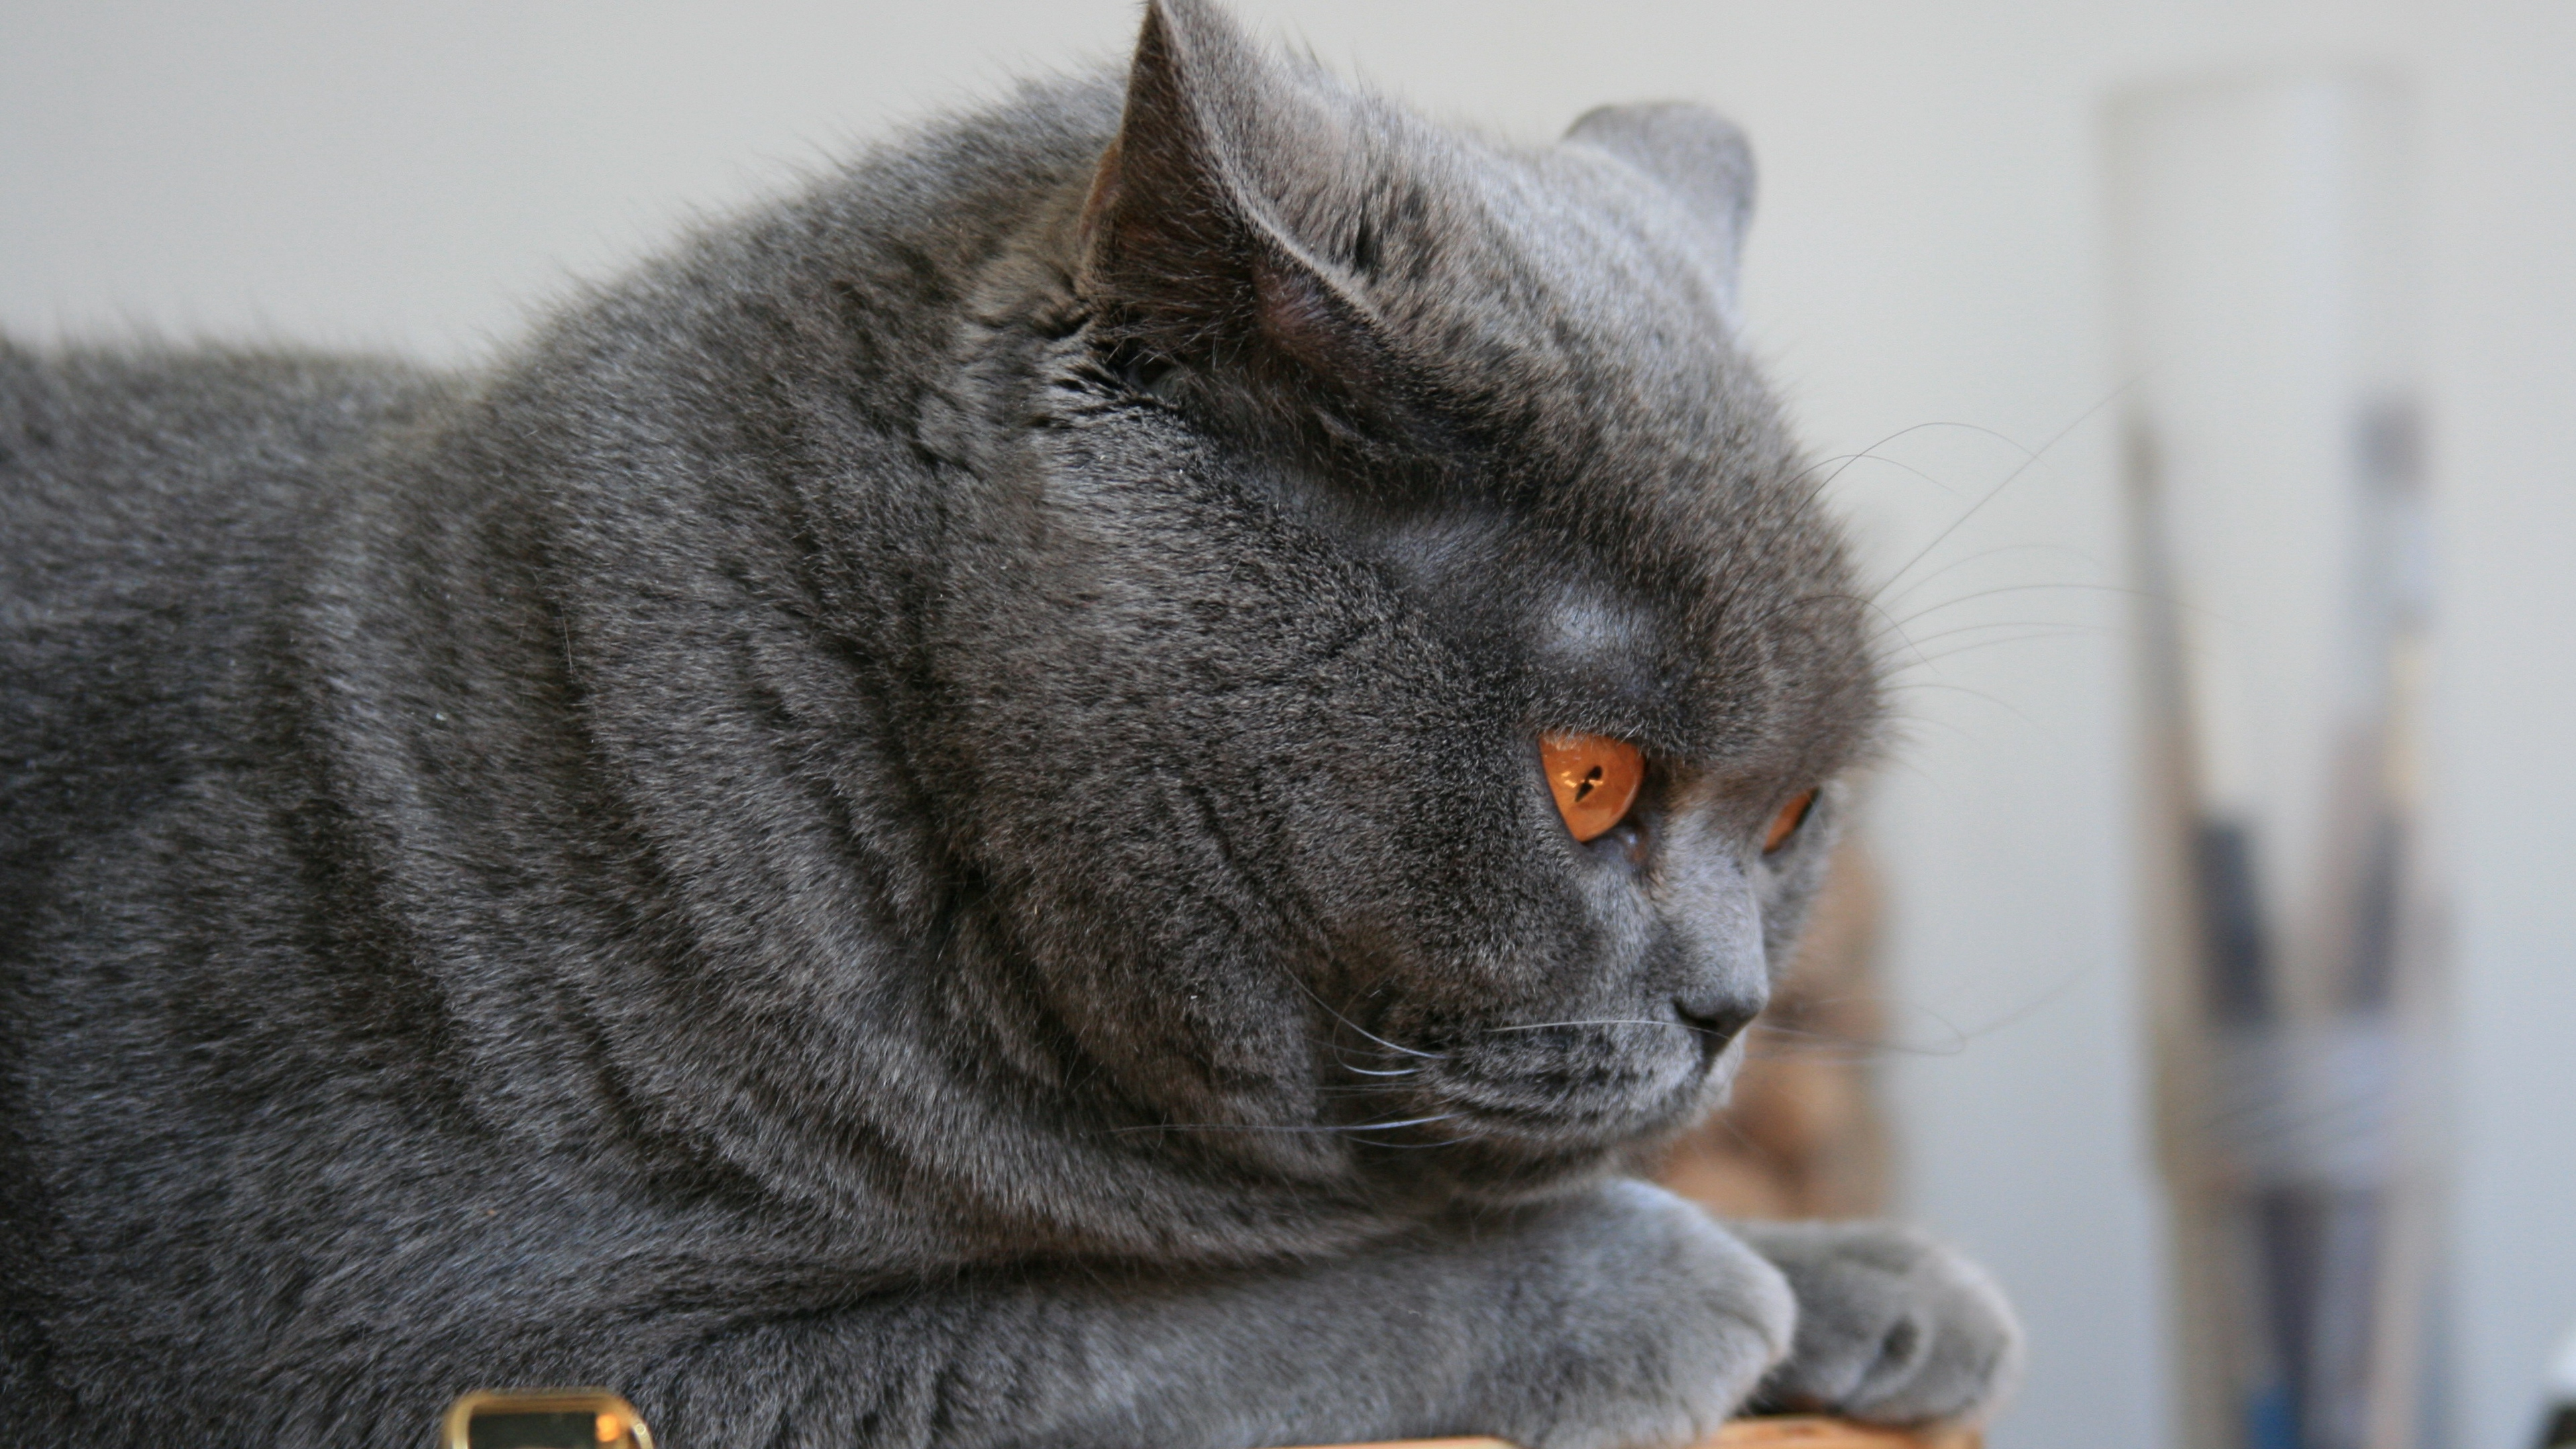 cat briton lie face 4k 1542242648 - cat, briton, lie, face 4k - lie, Cat, briton